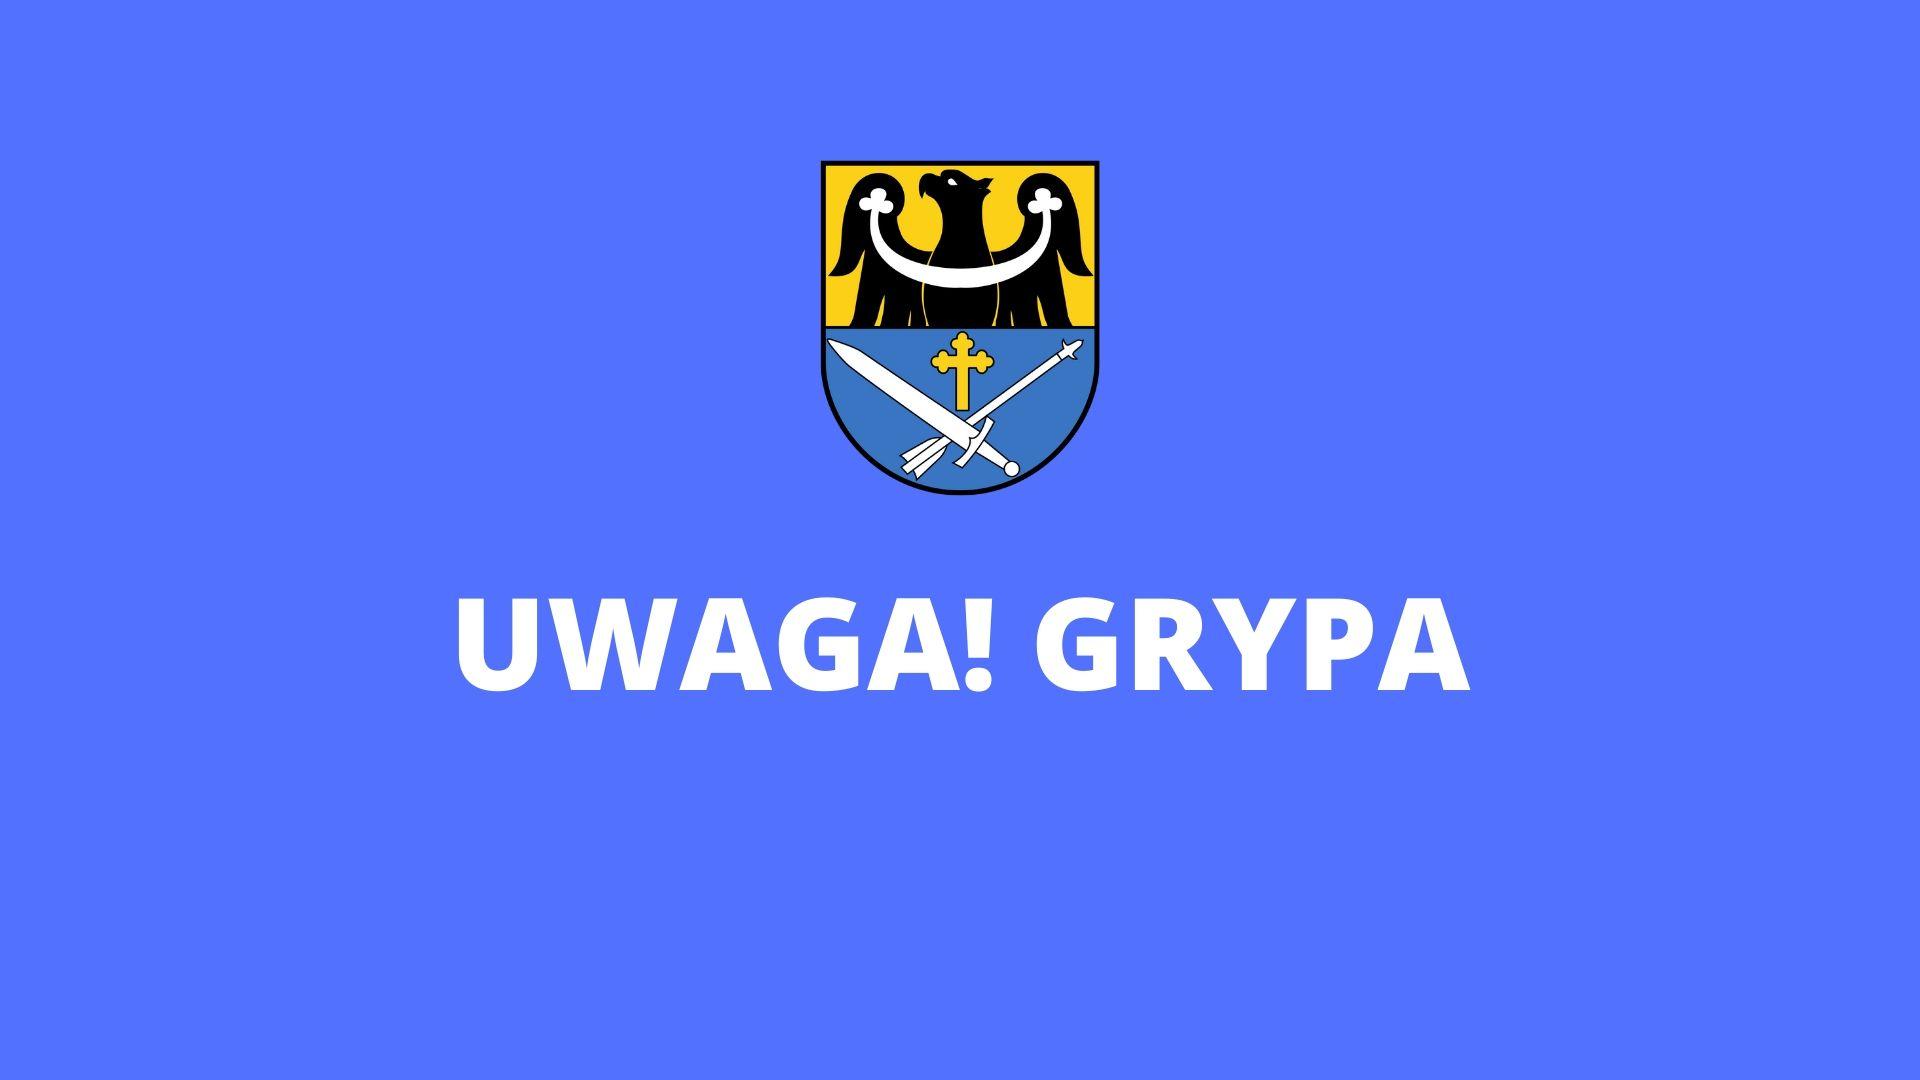 UWAGA GRYPA